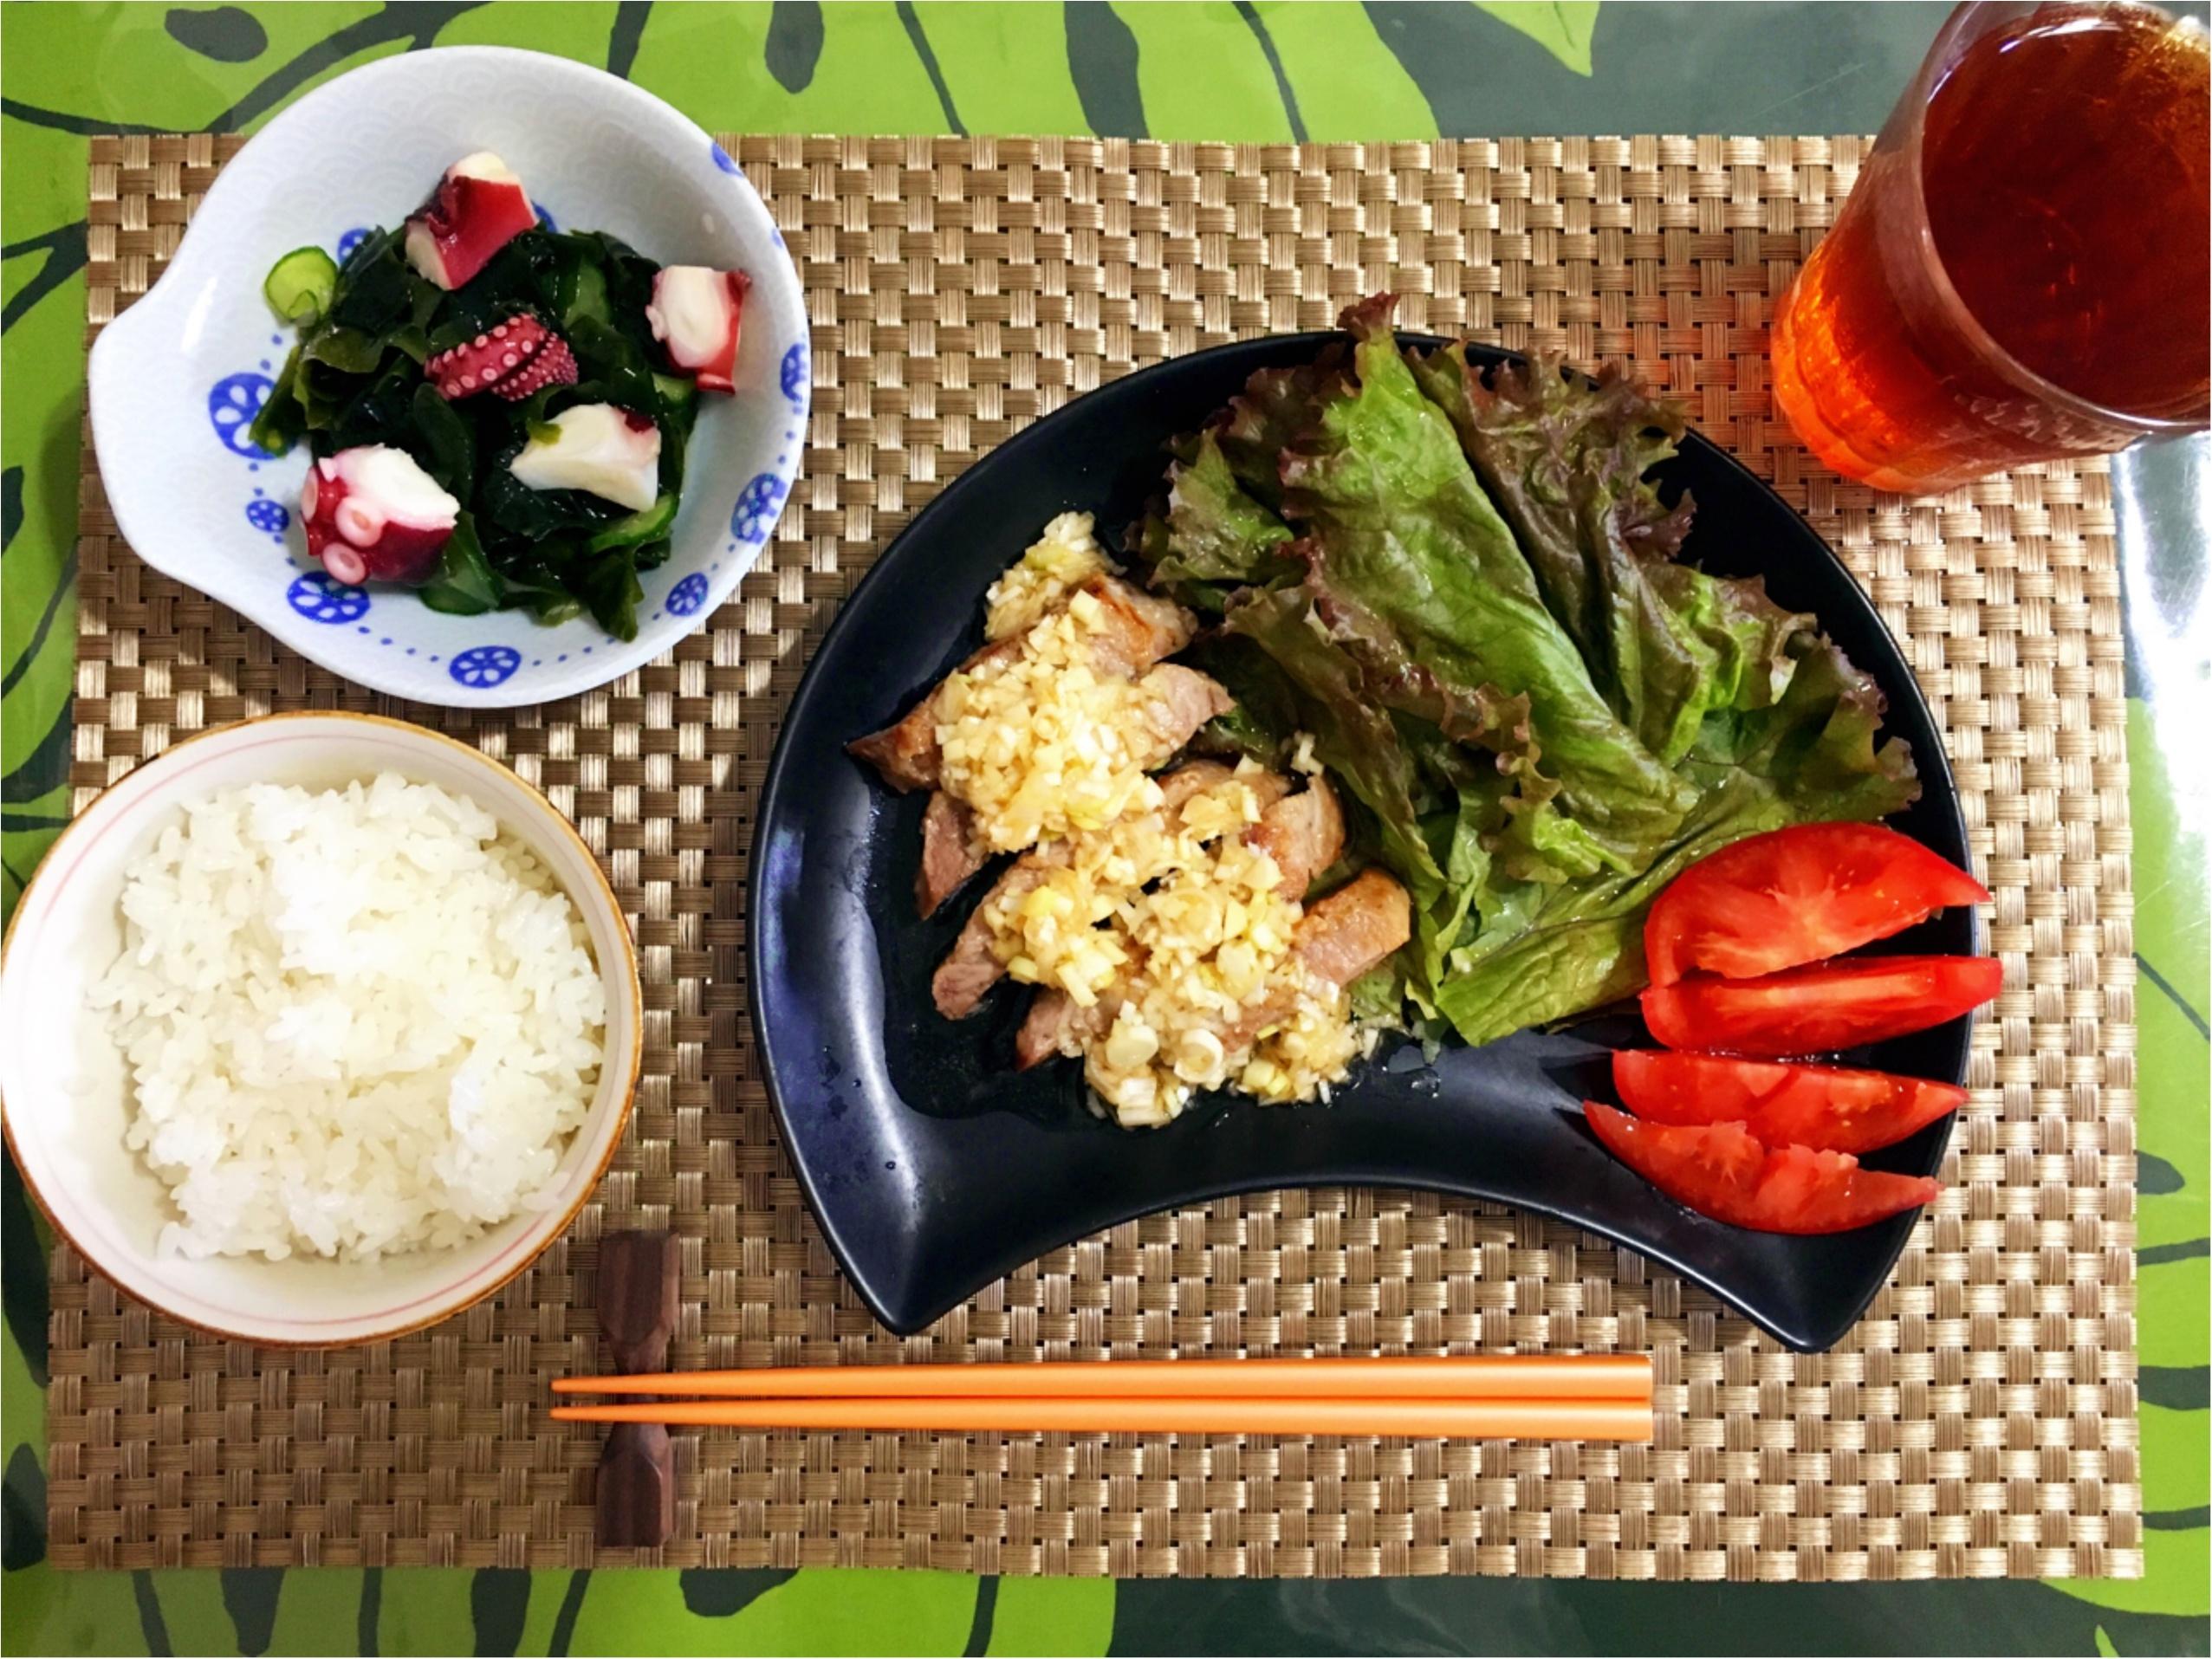 【COOKING】夏バテ予防に!夏野菜を使った簡単おうちごはん♡_3